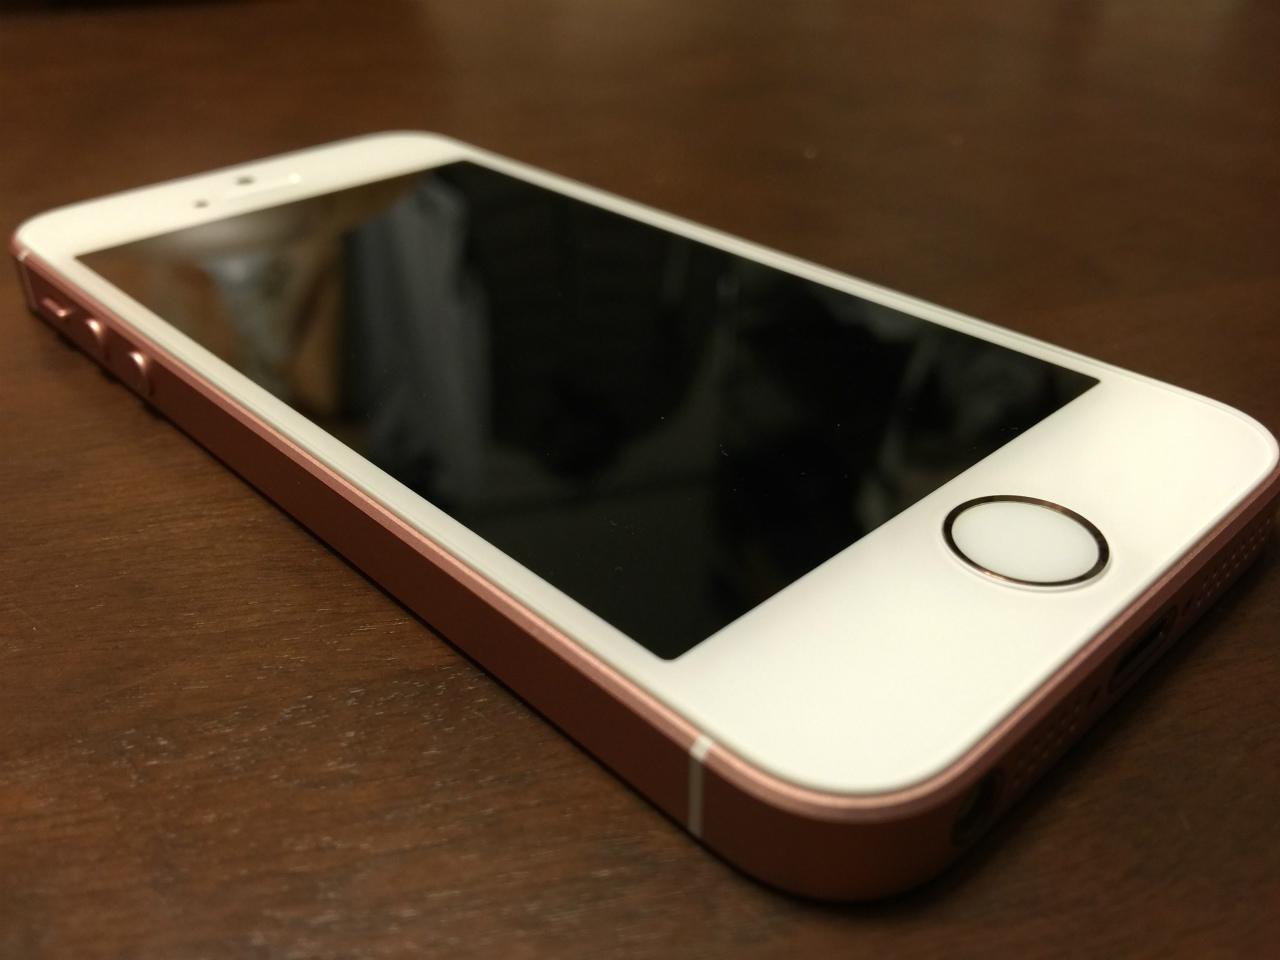 c6d53b646f かぶ] SIMフリー版 iPhone SE Rose Gold 64GBを入手。Apple Storeで購入 ...